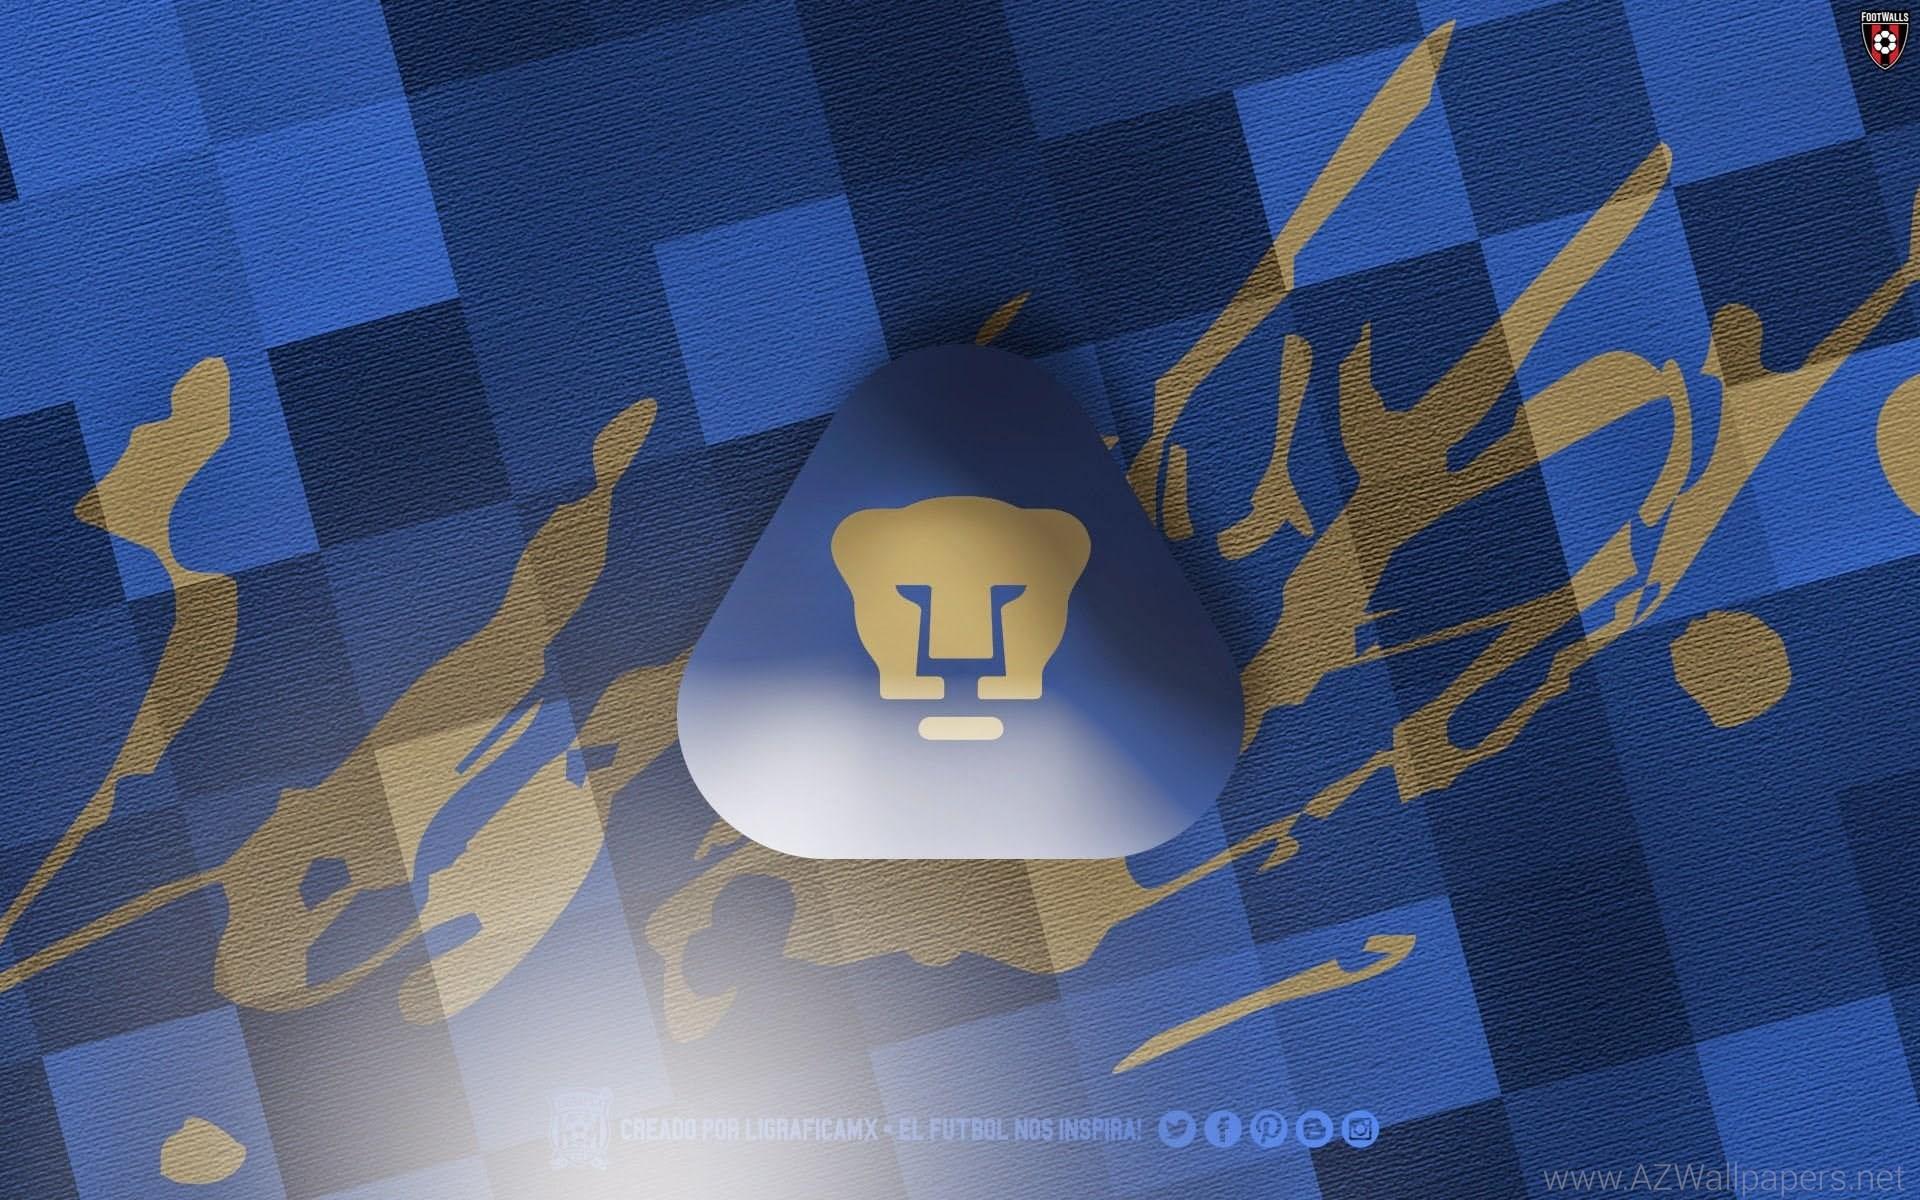 Pumas U N A M Wallpapers